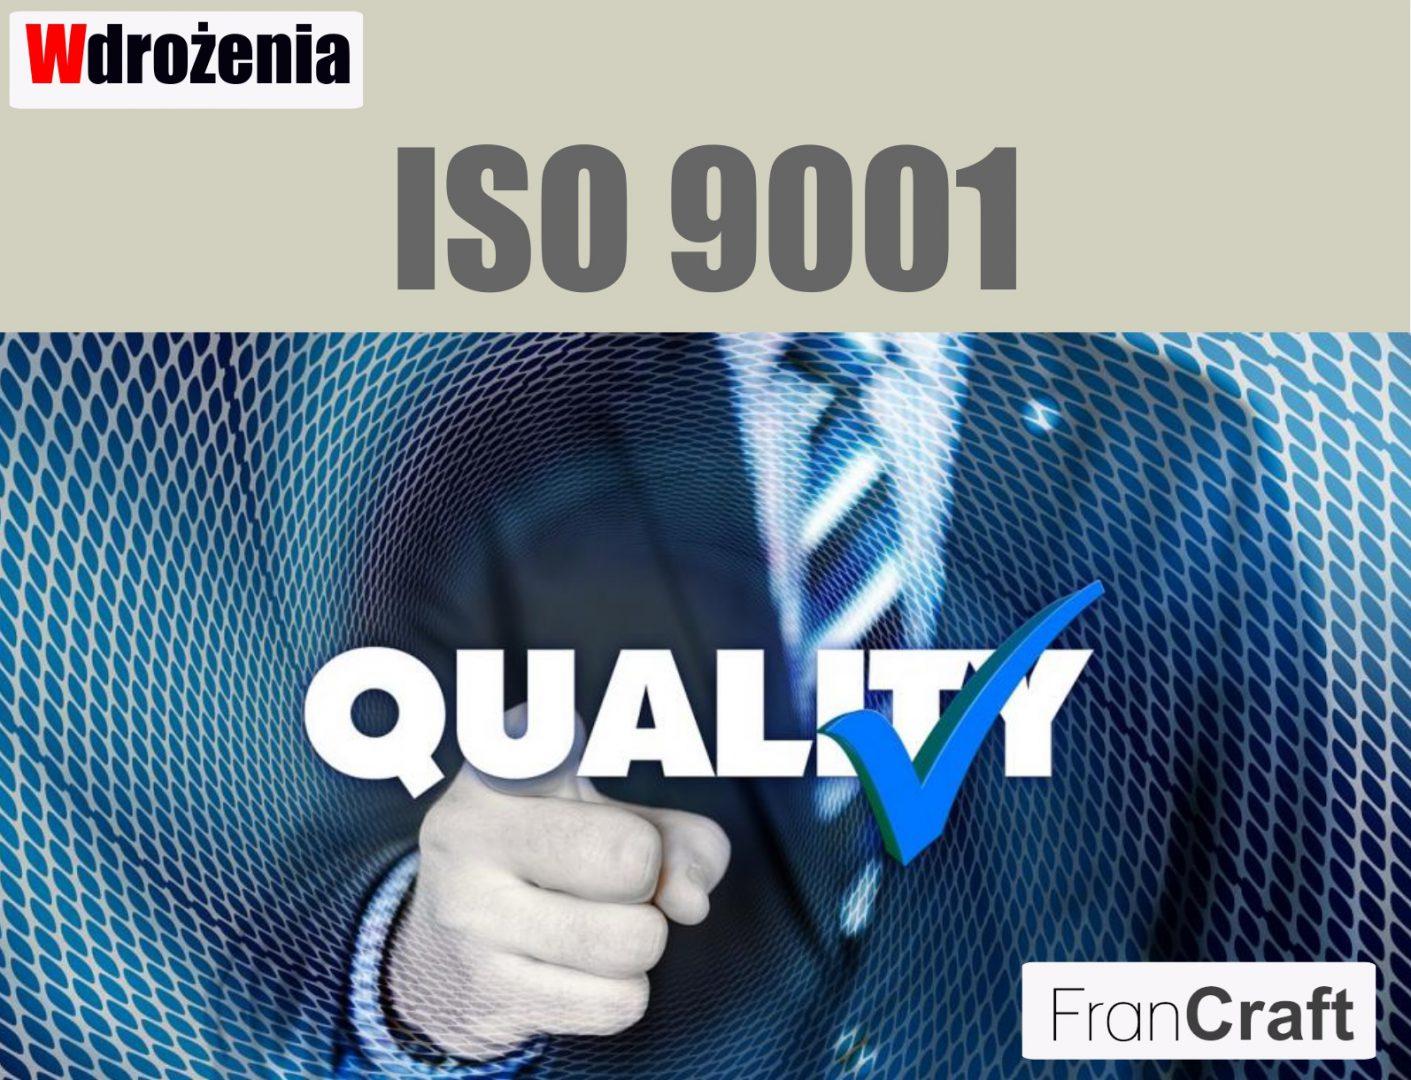 wdrażanie normy ISO 9001 zarządzanie jakością